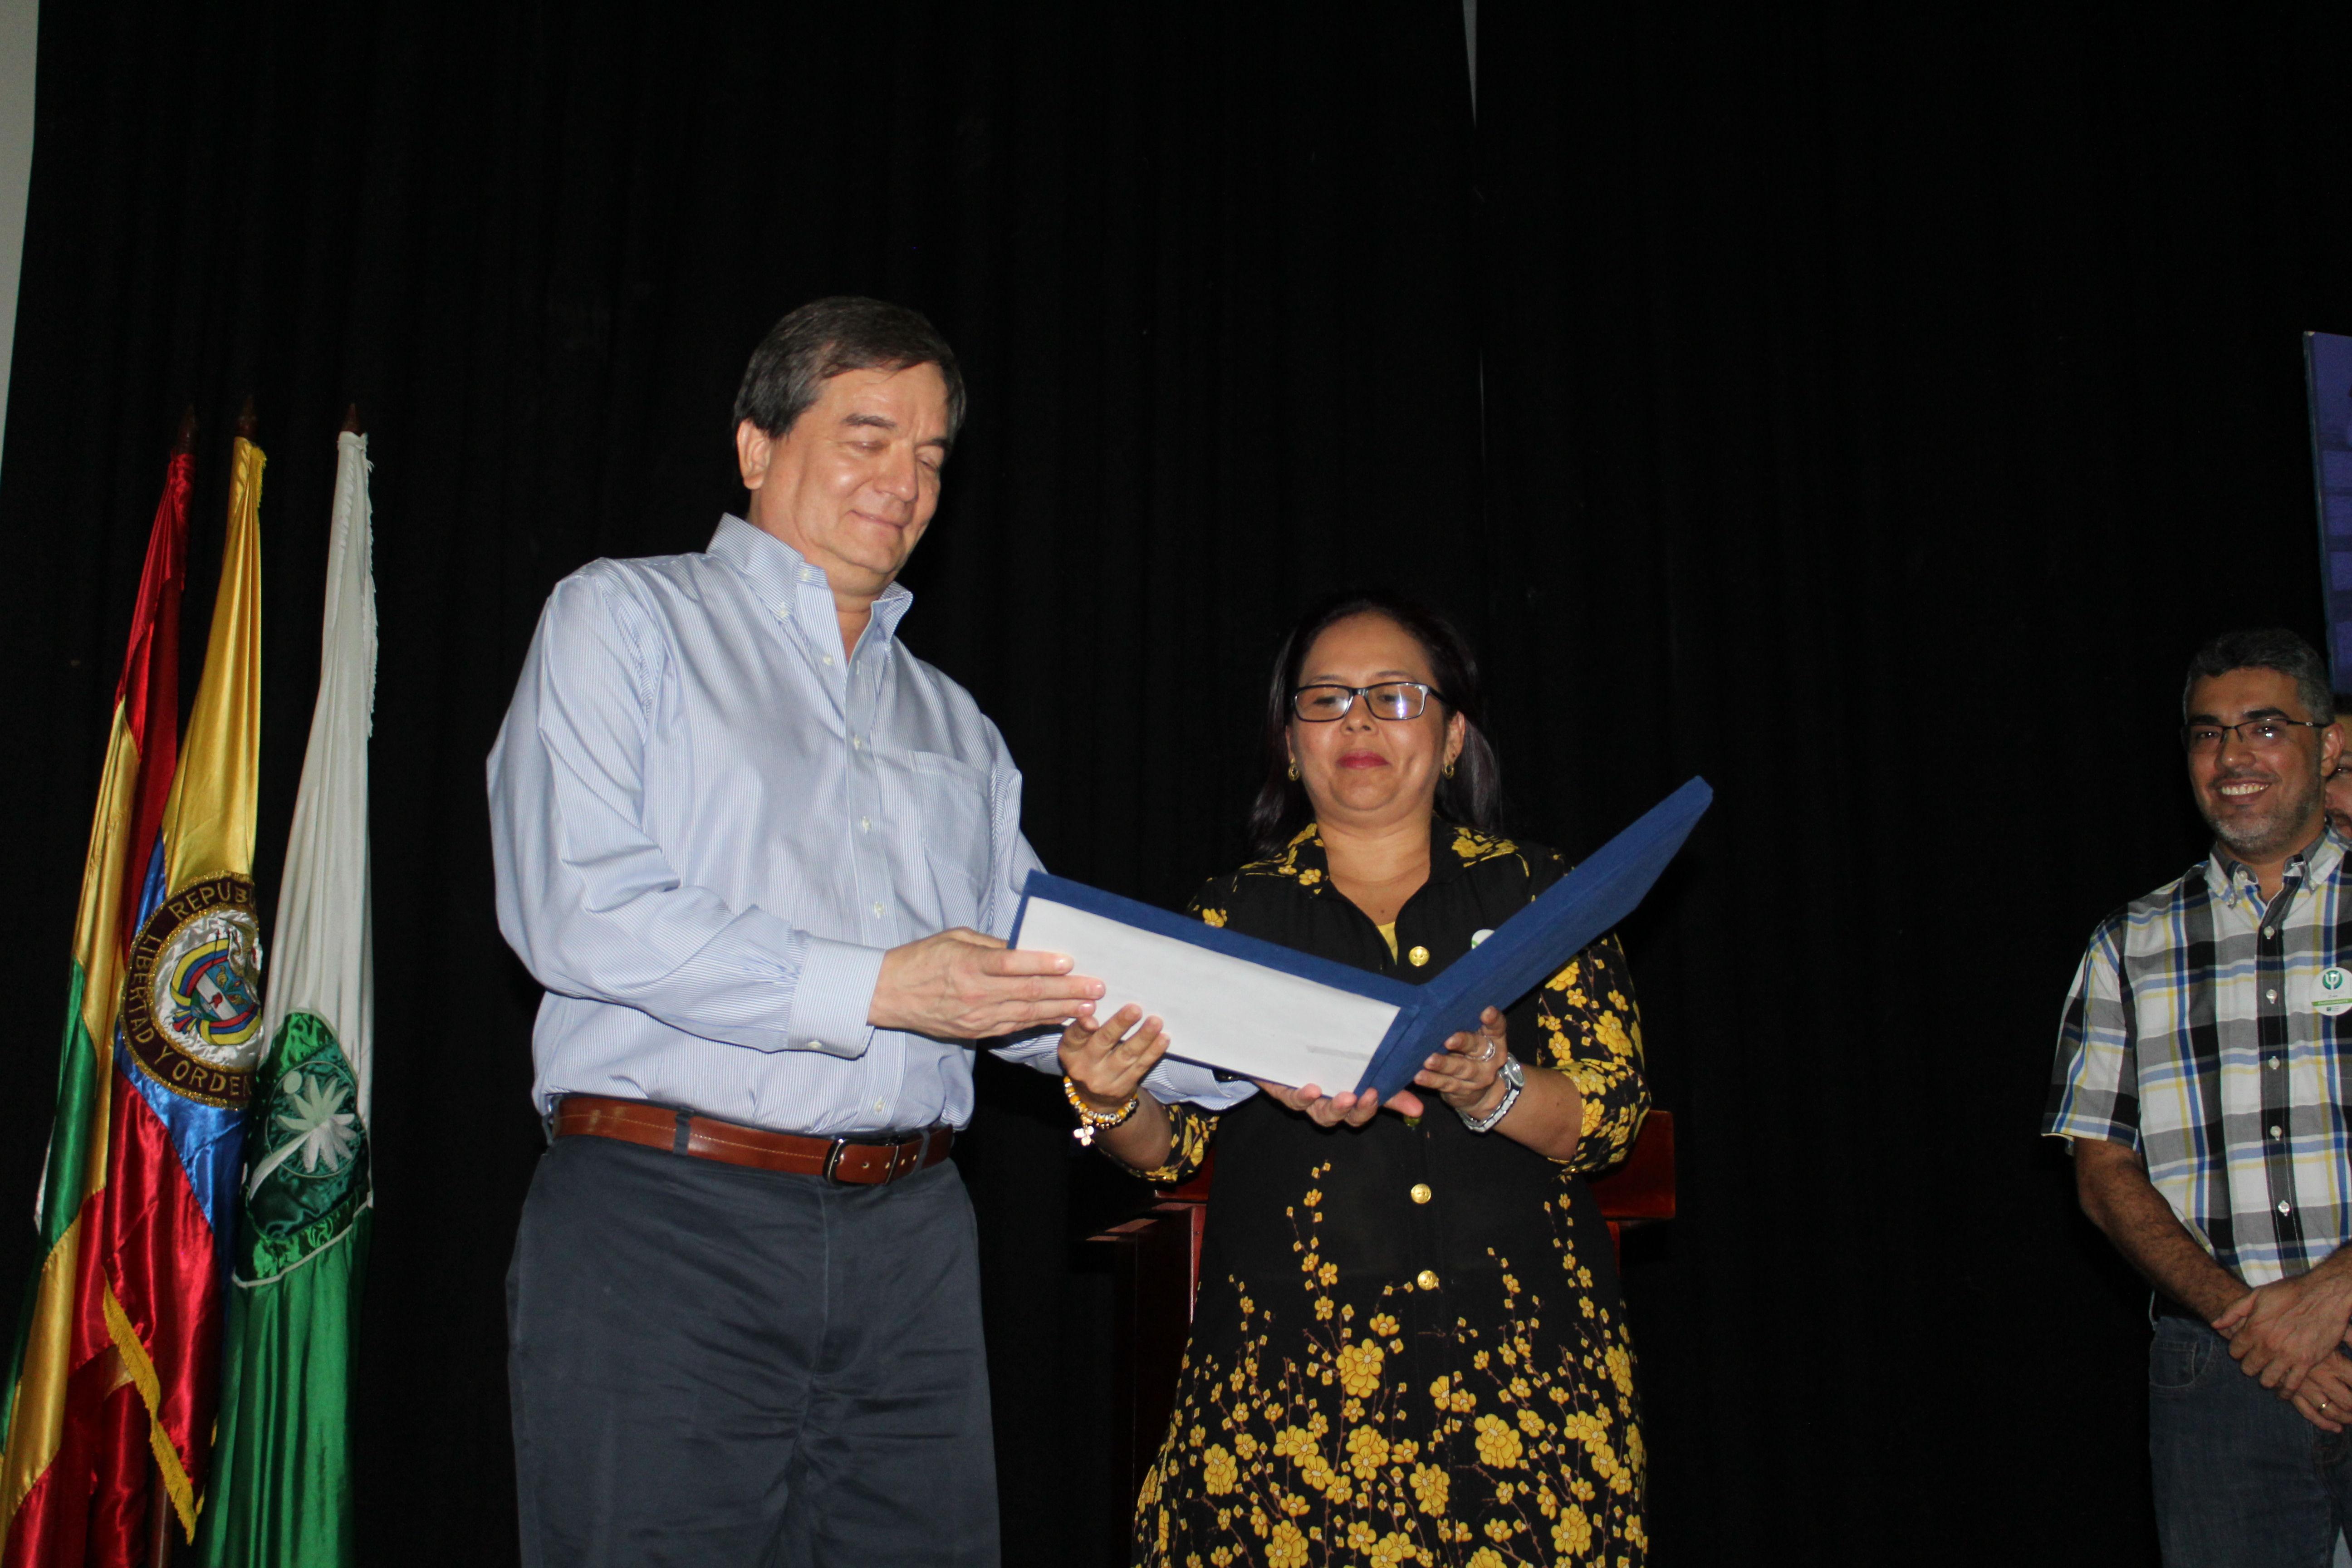 Con importantes logros y muchas satisfacciones el programa de Psicología de la UTB celebró  25 años